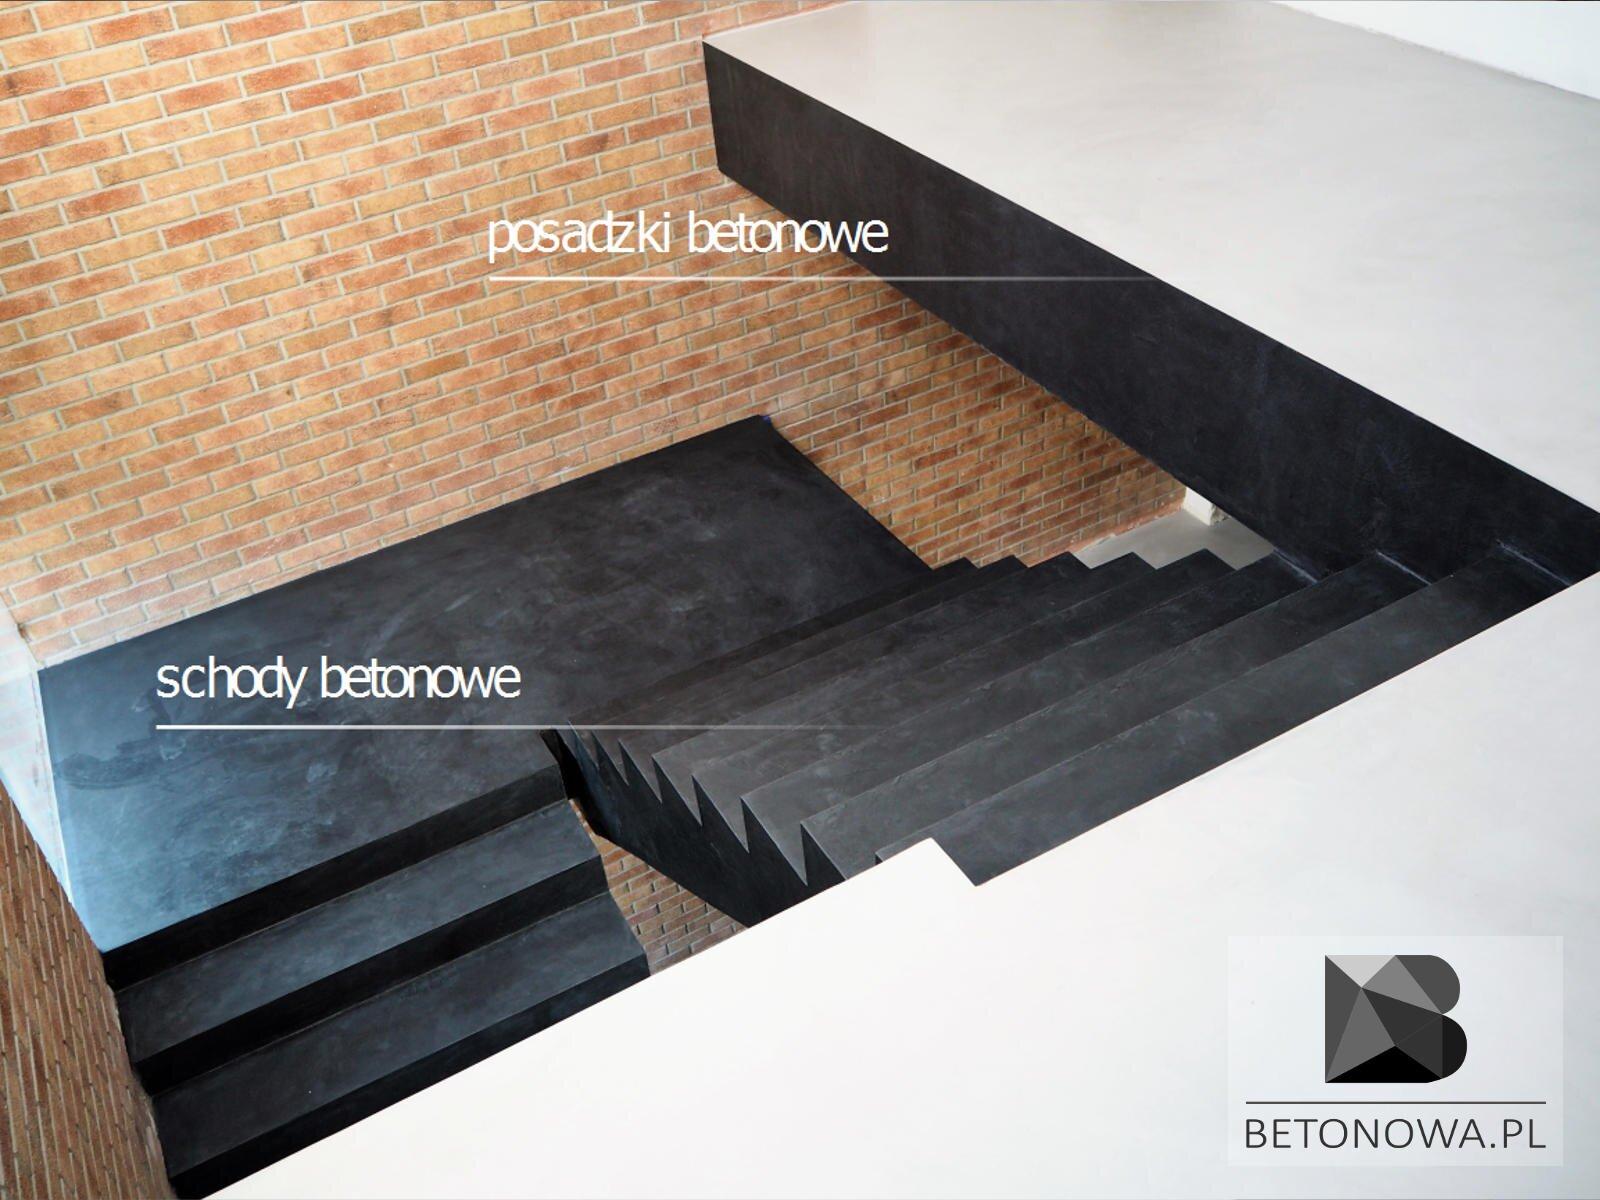 Posadzki Beonowe Schody Mikrocement Beton Dekoracyjny